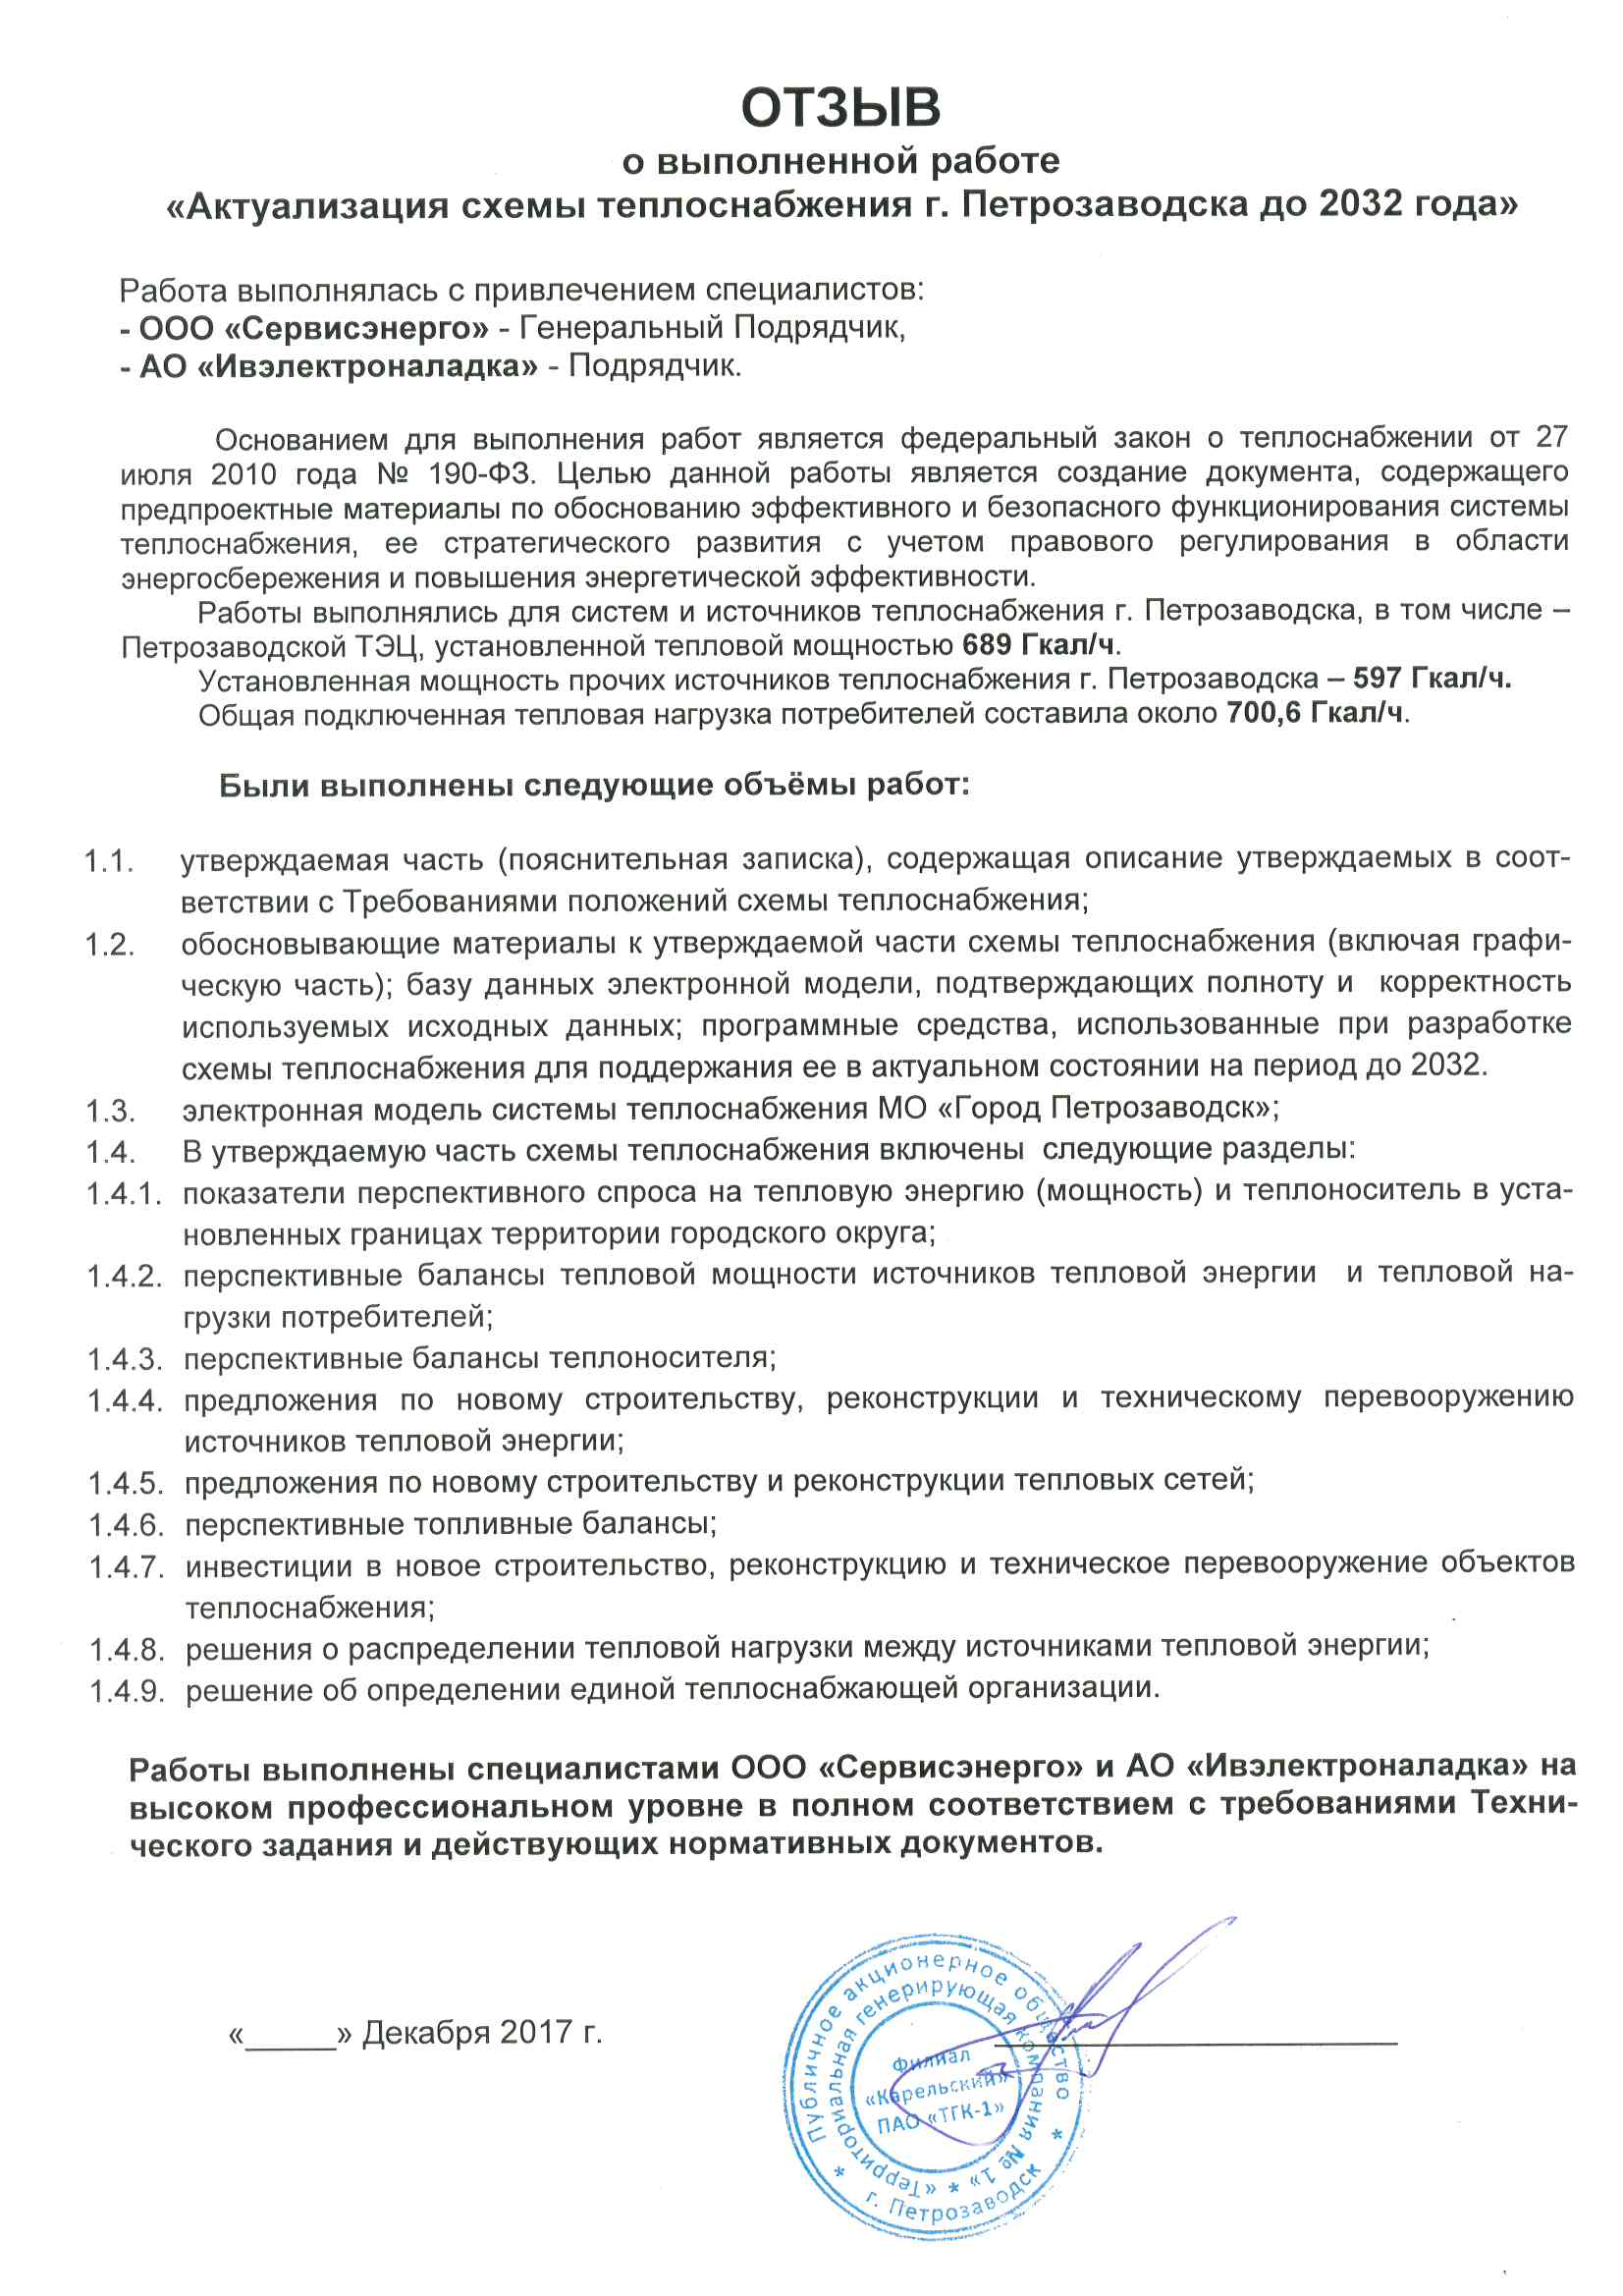 отзыв_2017_Петрозаводск